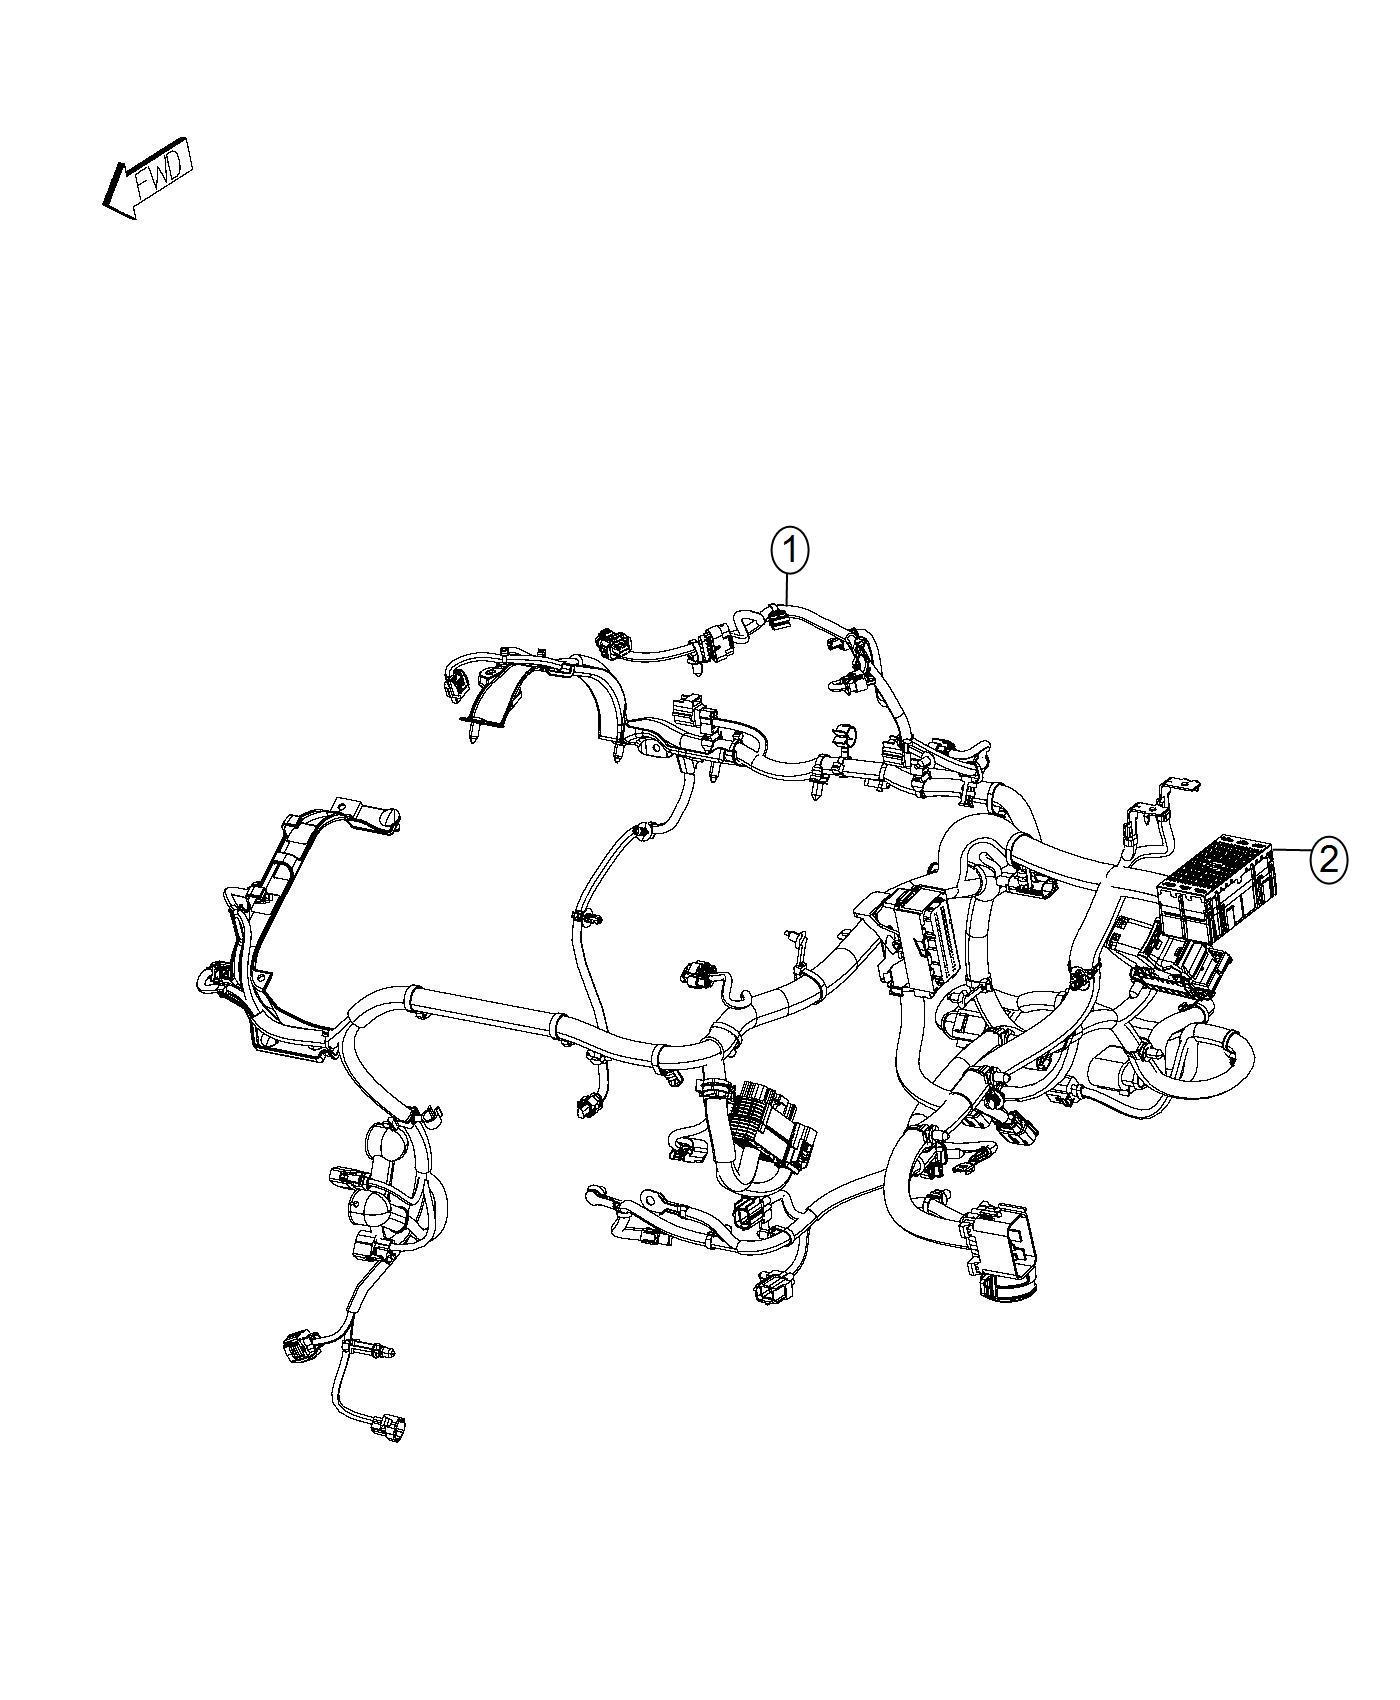 tags: #1993 gmc safari wiring diagrams#gmc wiring harness diagram#1993 gmc  safari fuse diagram#95 gmc topkick wiring diagrams#wire diagram 1998 gmc